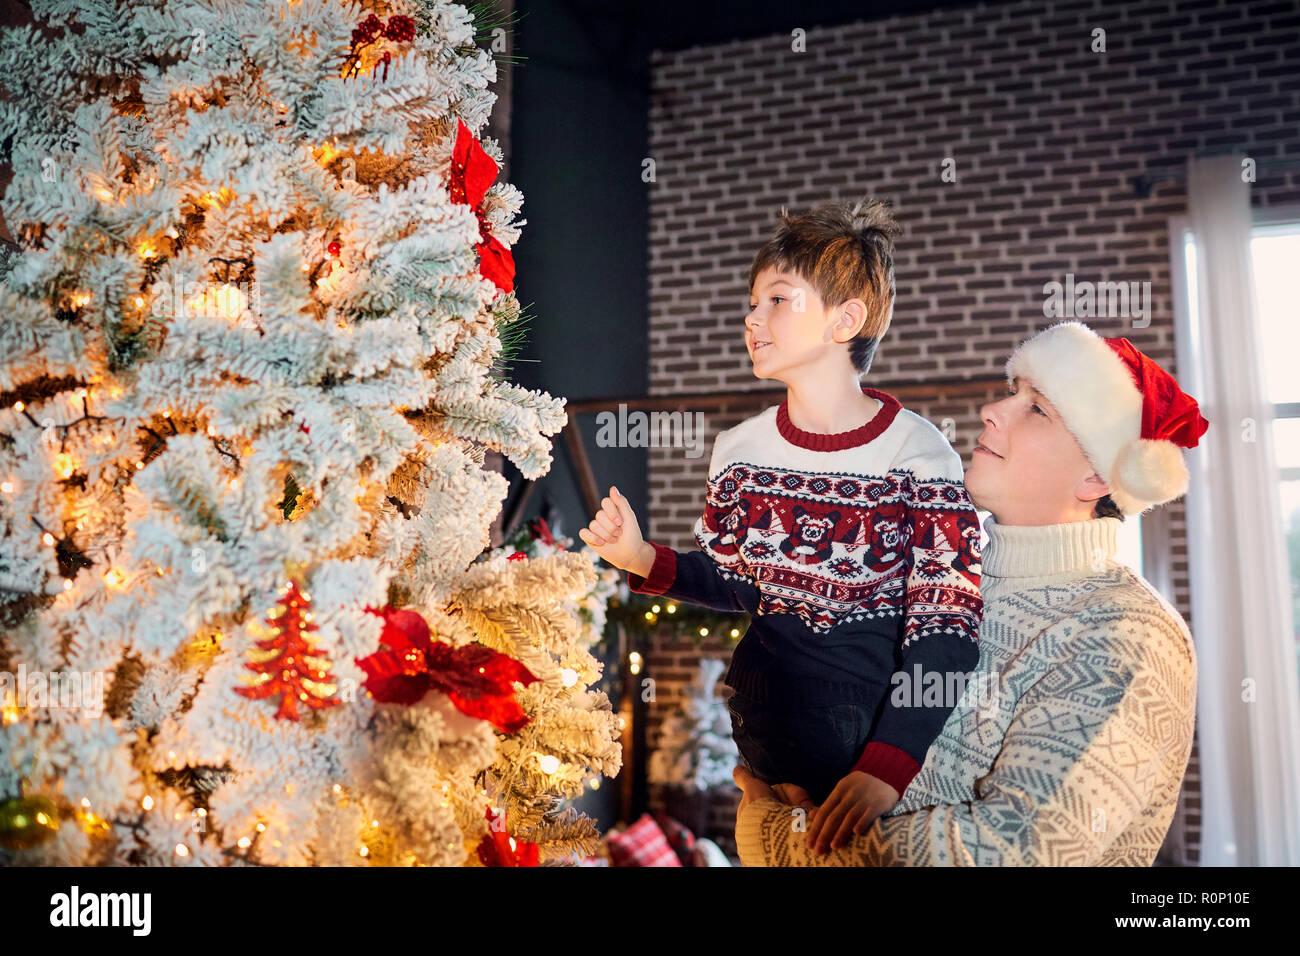 Wer Schmückt Den Weihnachtsbaum.Eine Glückliche Familie Schmückt Den Weihnachtsbaum Zu Hause